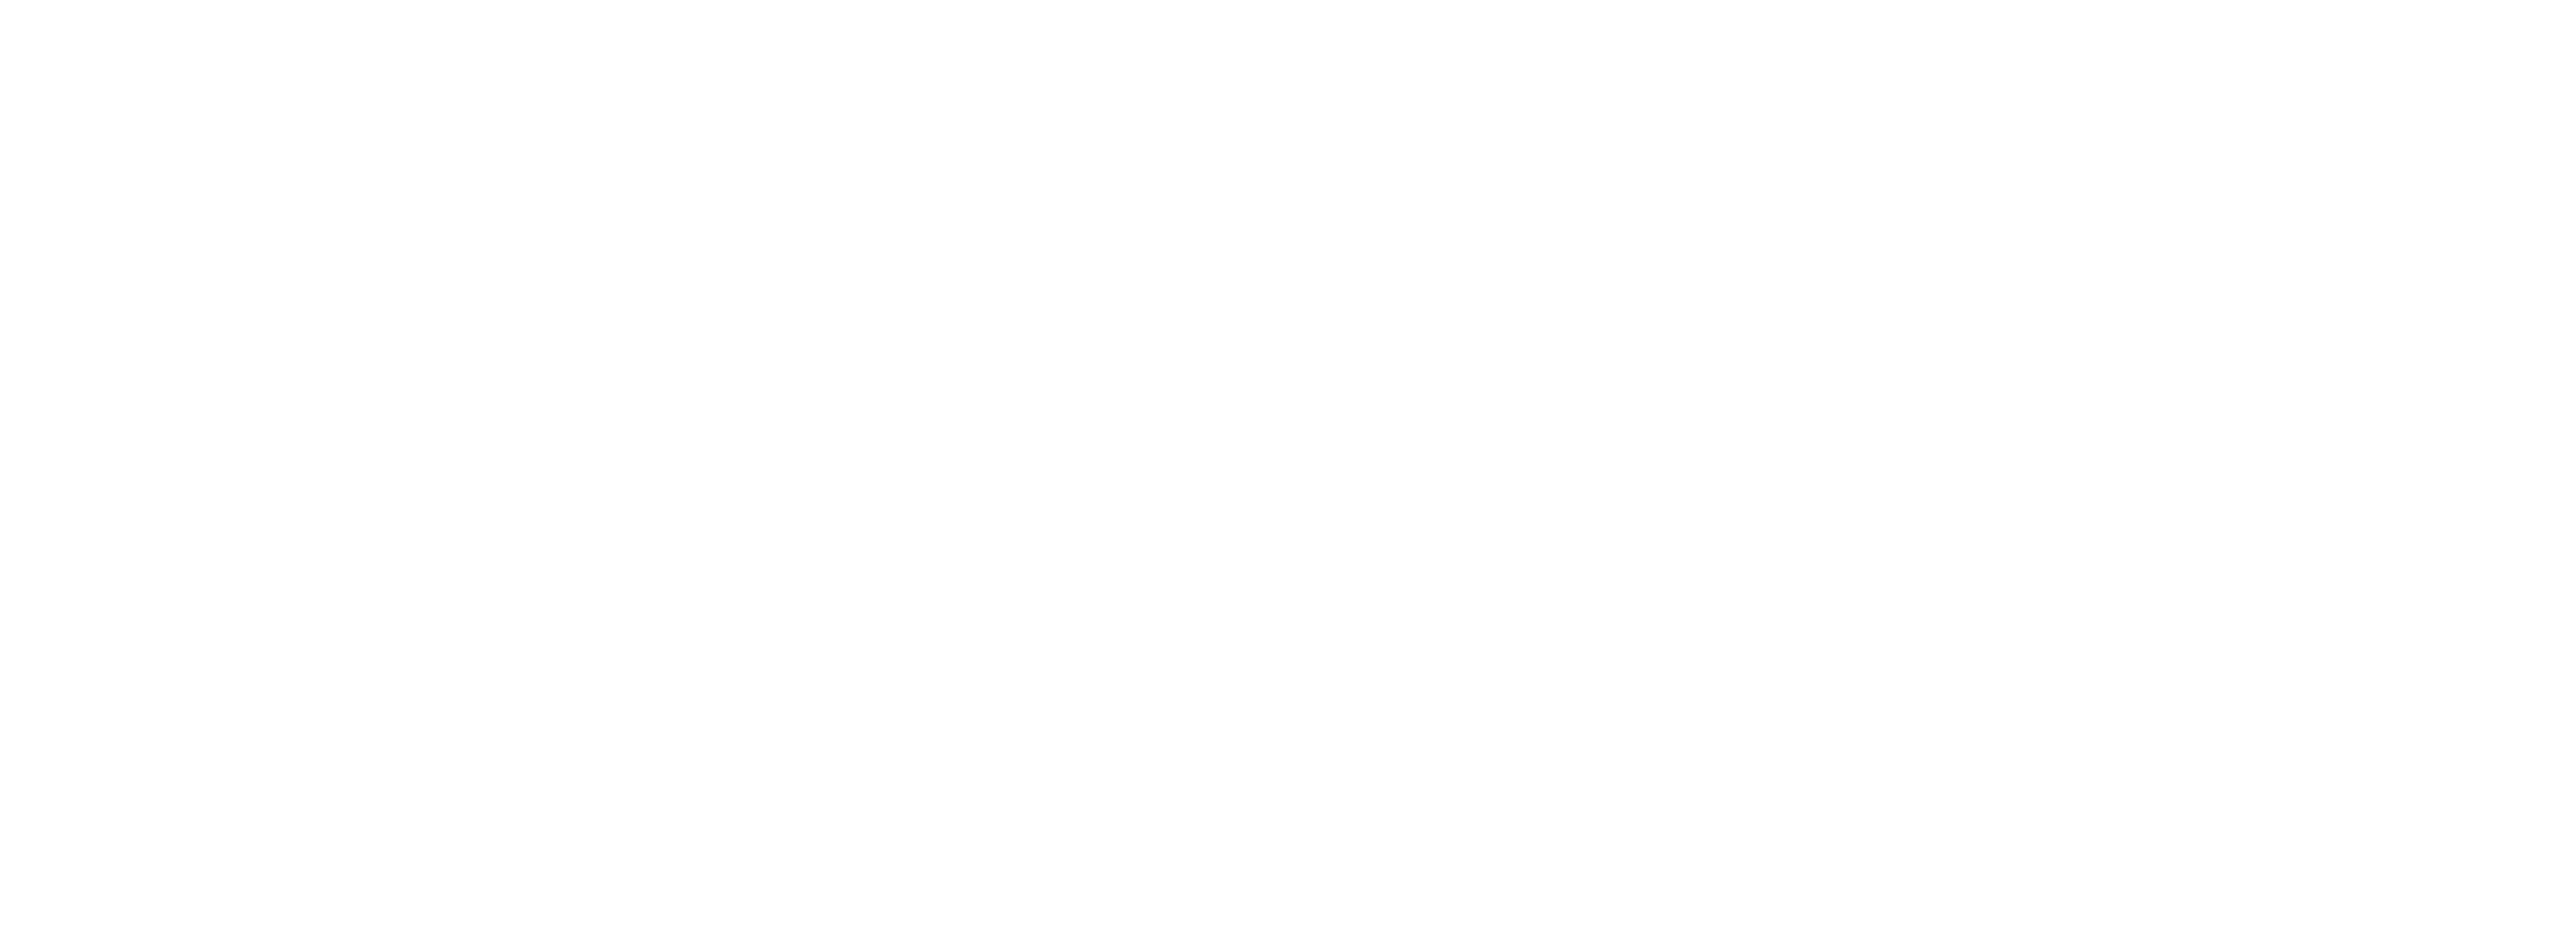 gentlewave_procedure_logo_white